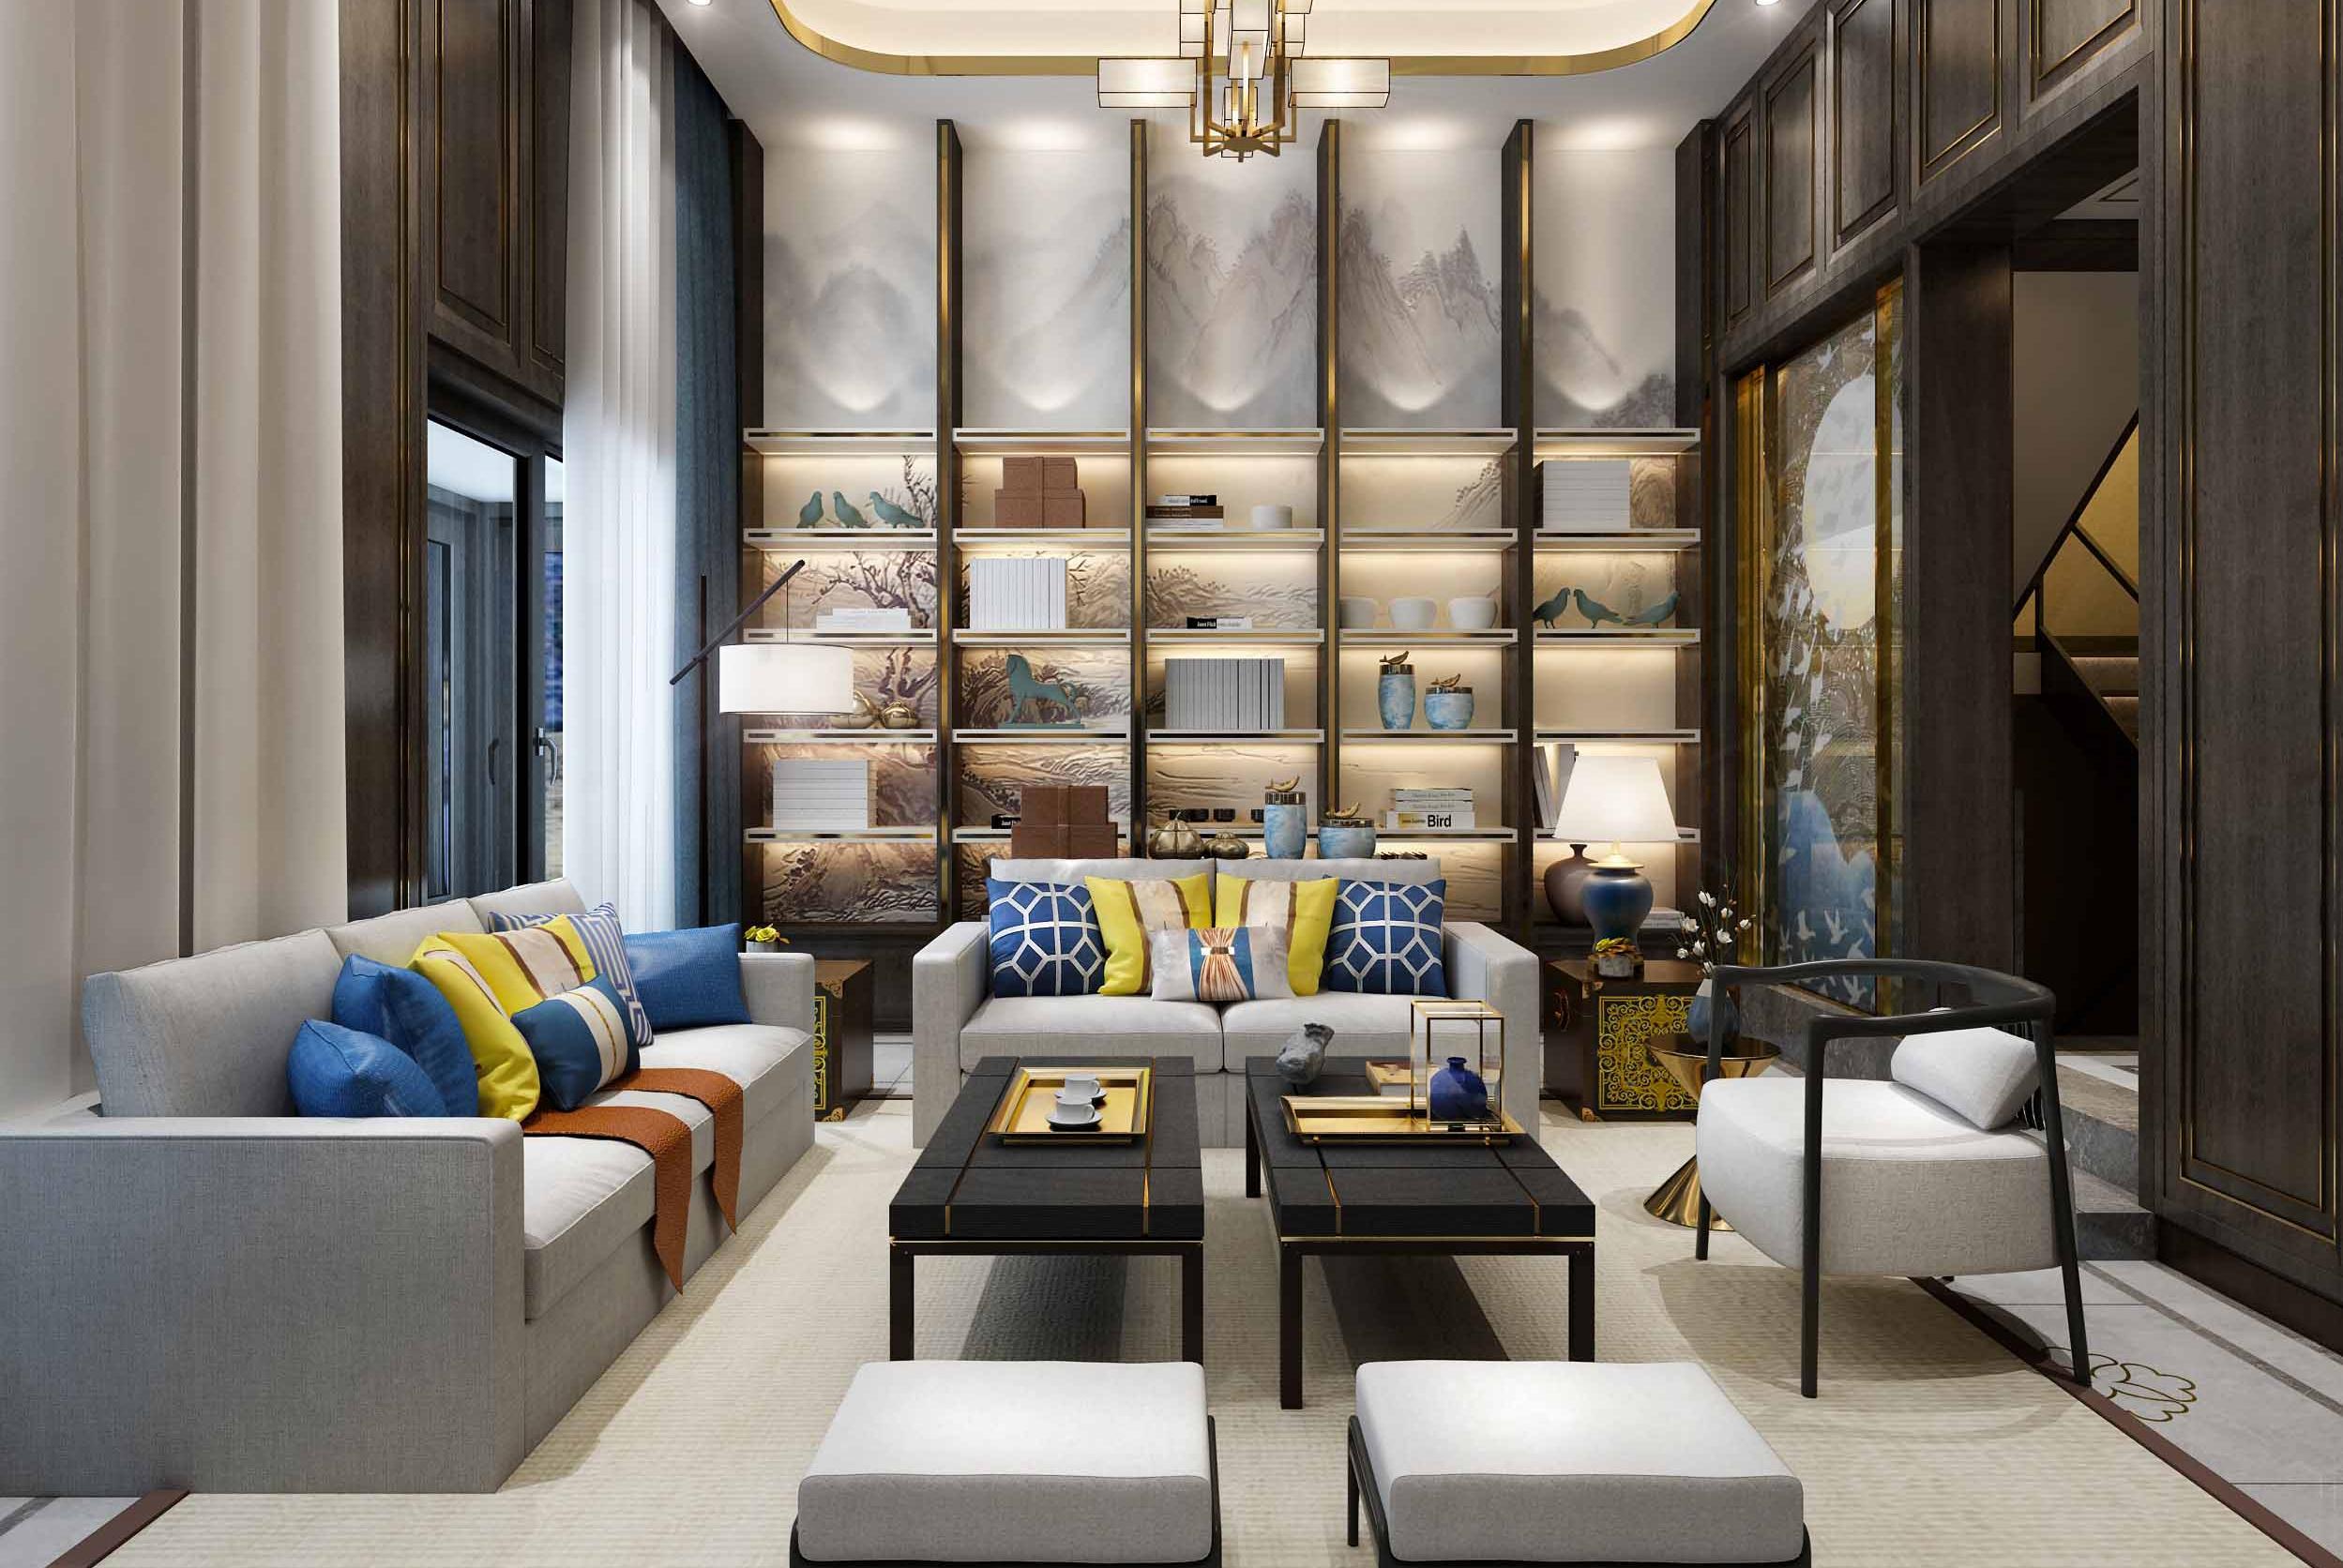 新中式轻奢室内软装设计 我就张扬那么一点点图片